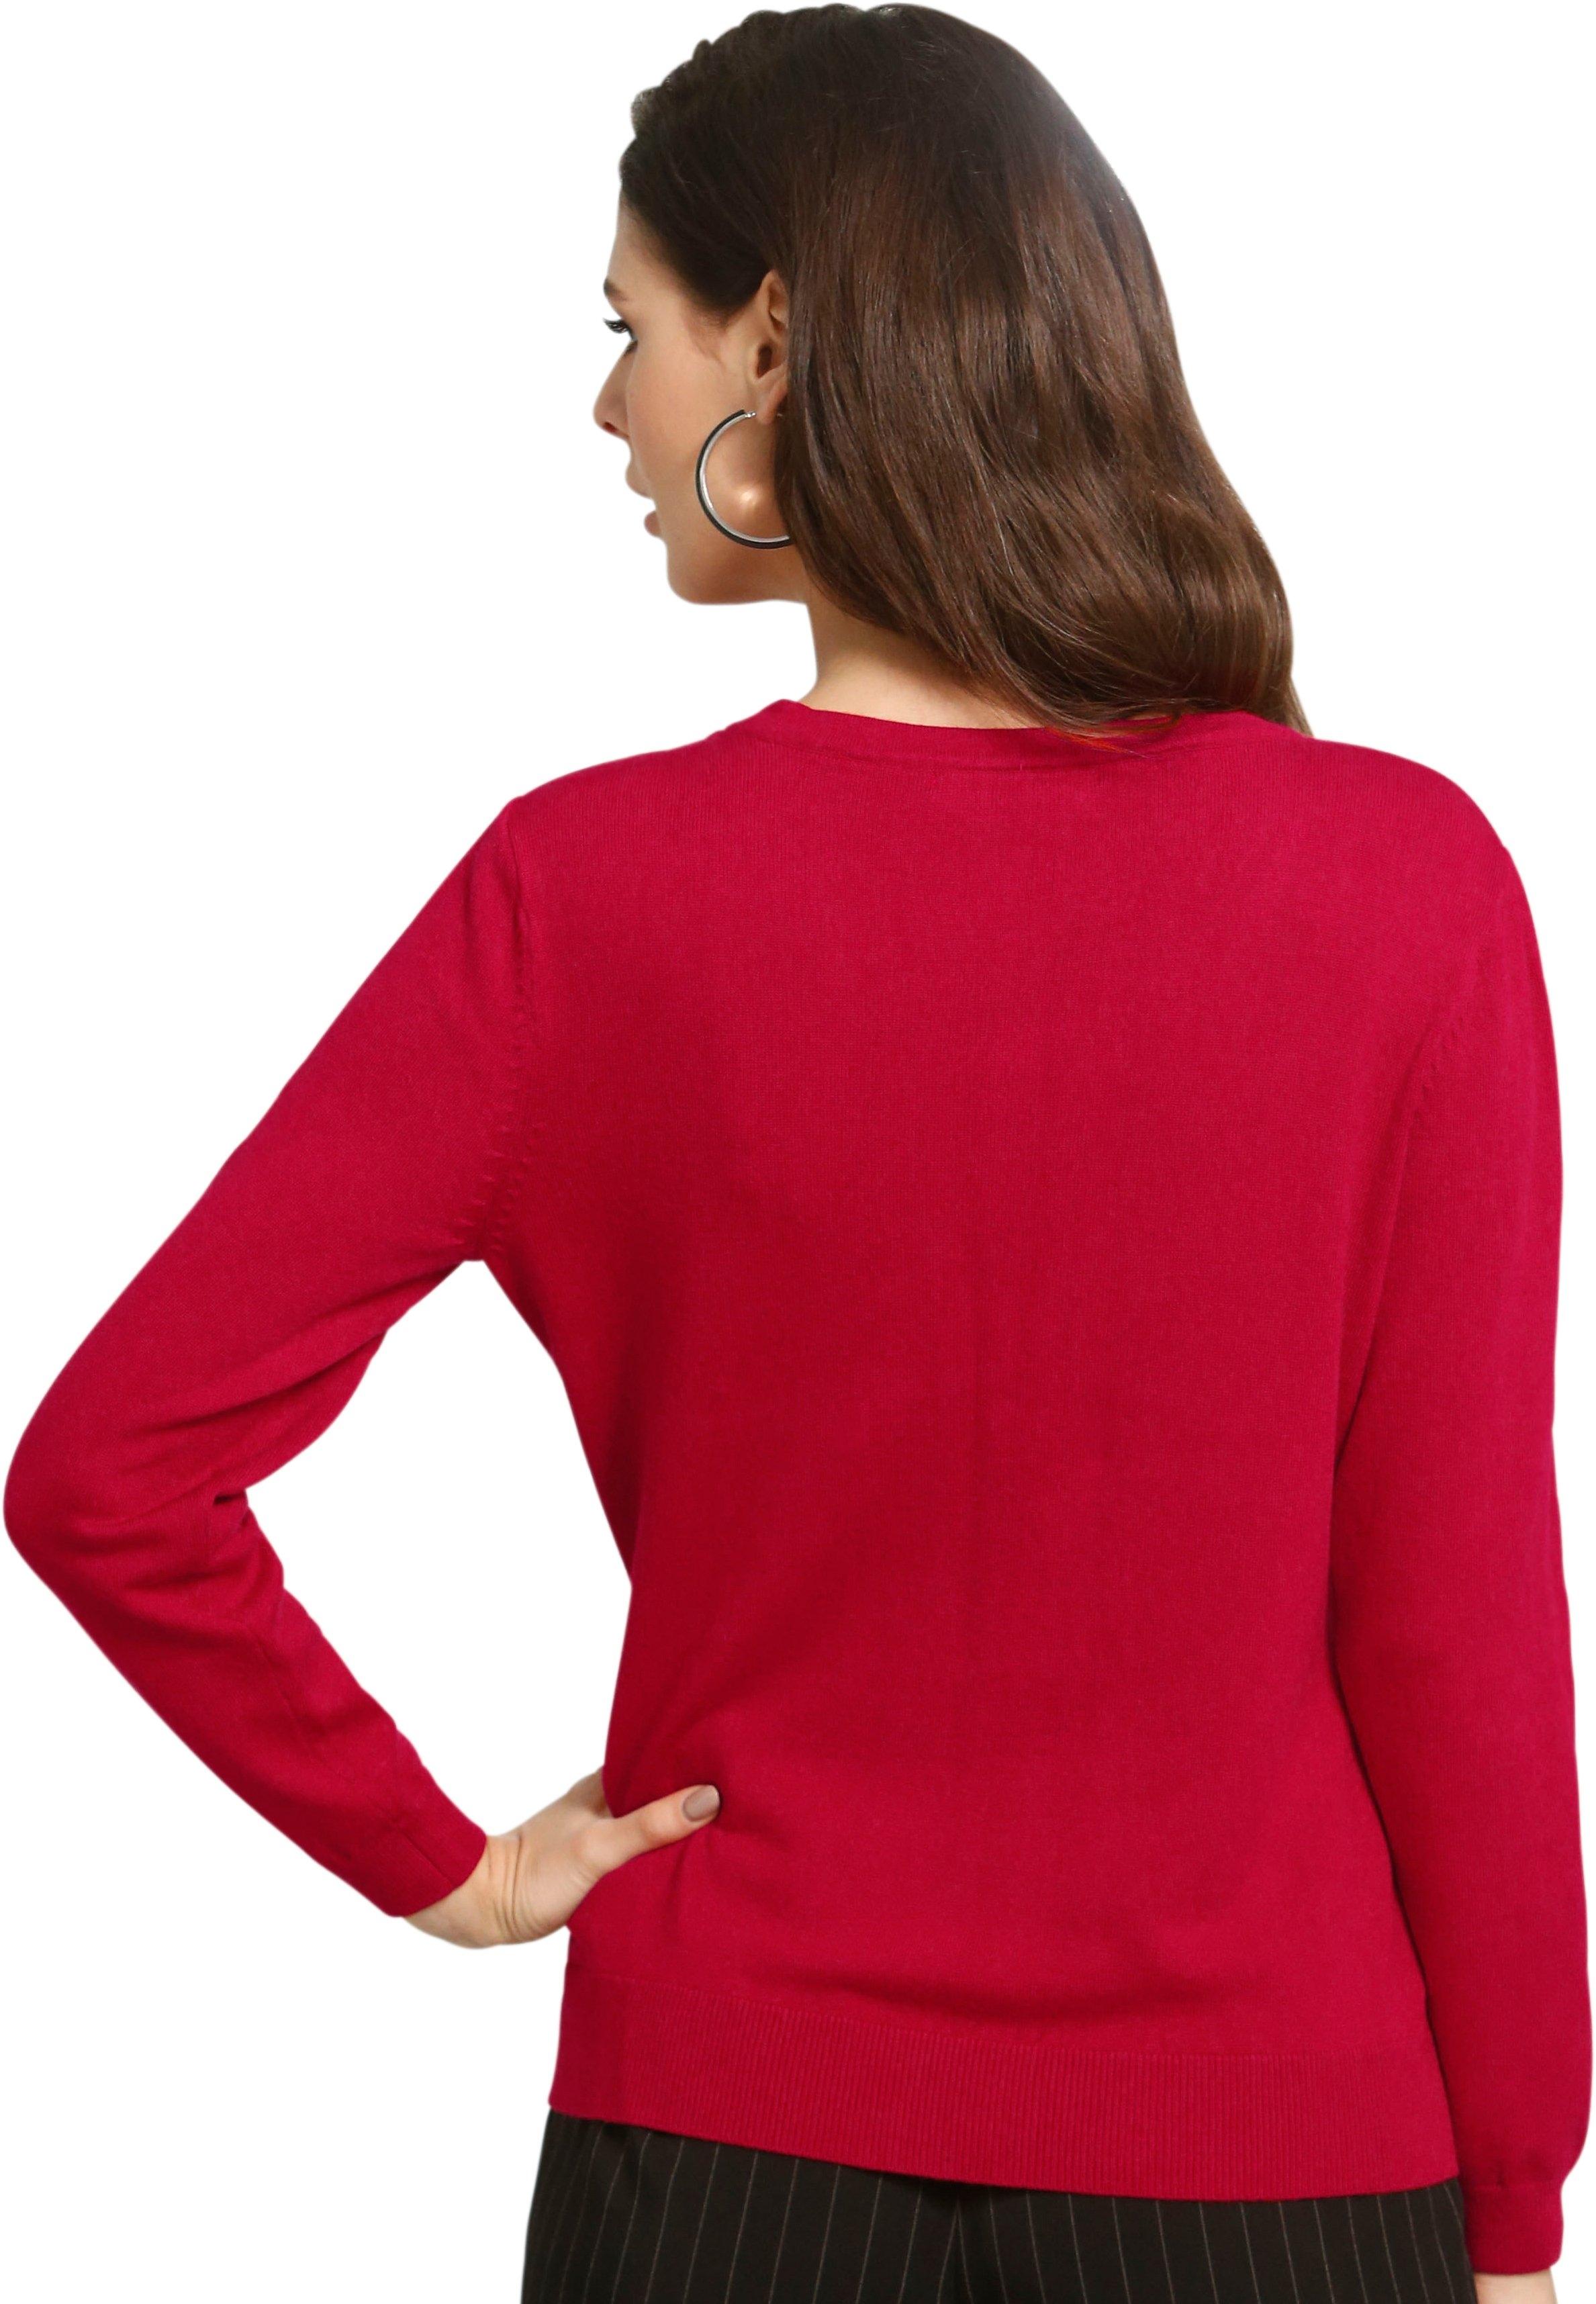 Vest Met Online Lady Sierkraaltjes Shop rdCBoxe